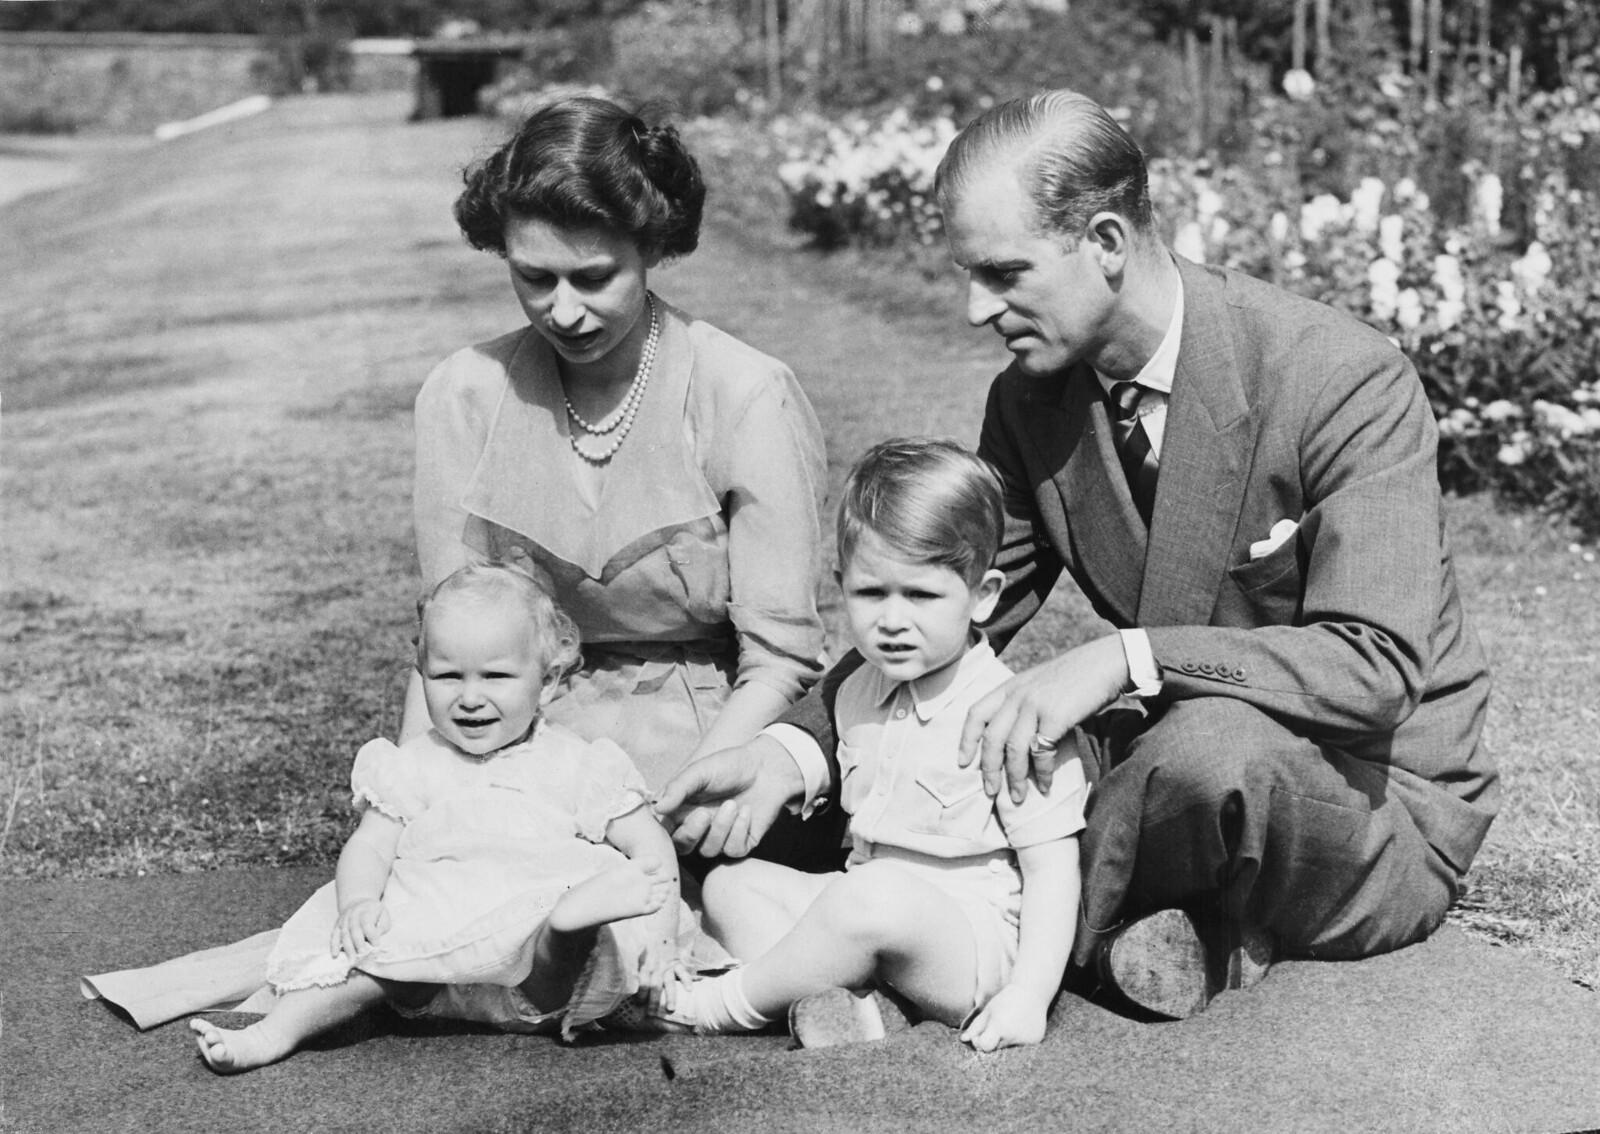 21. Принцесса Елизавета и принц Филипп, герцог Эдинбургский, сидят с принцем Чарльзом и принцессой Анной на территории Кларенс-хаус